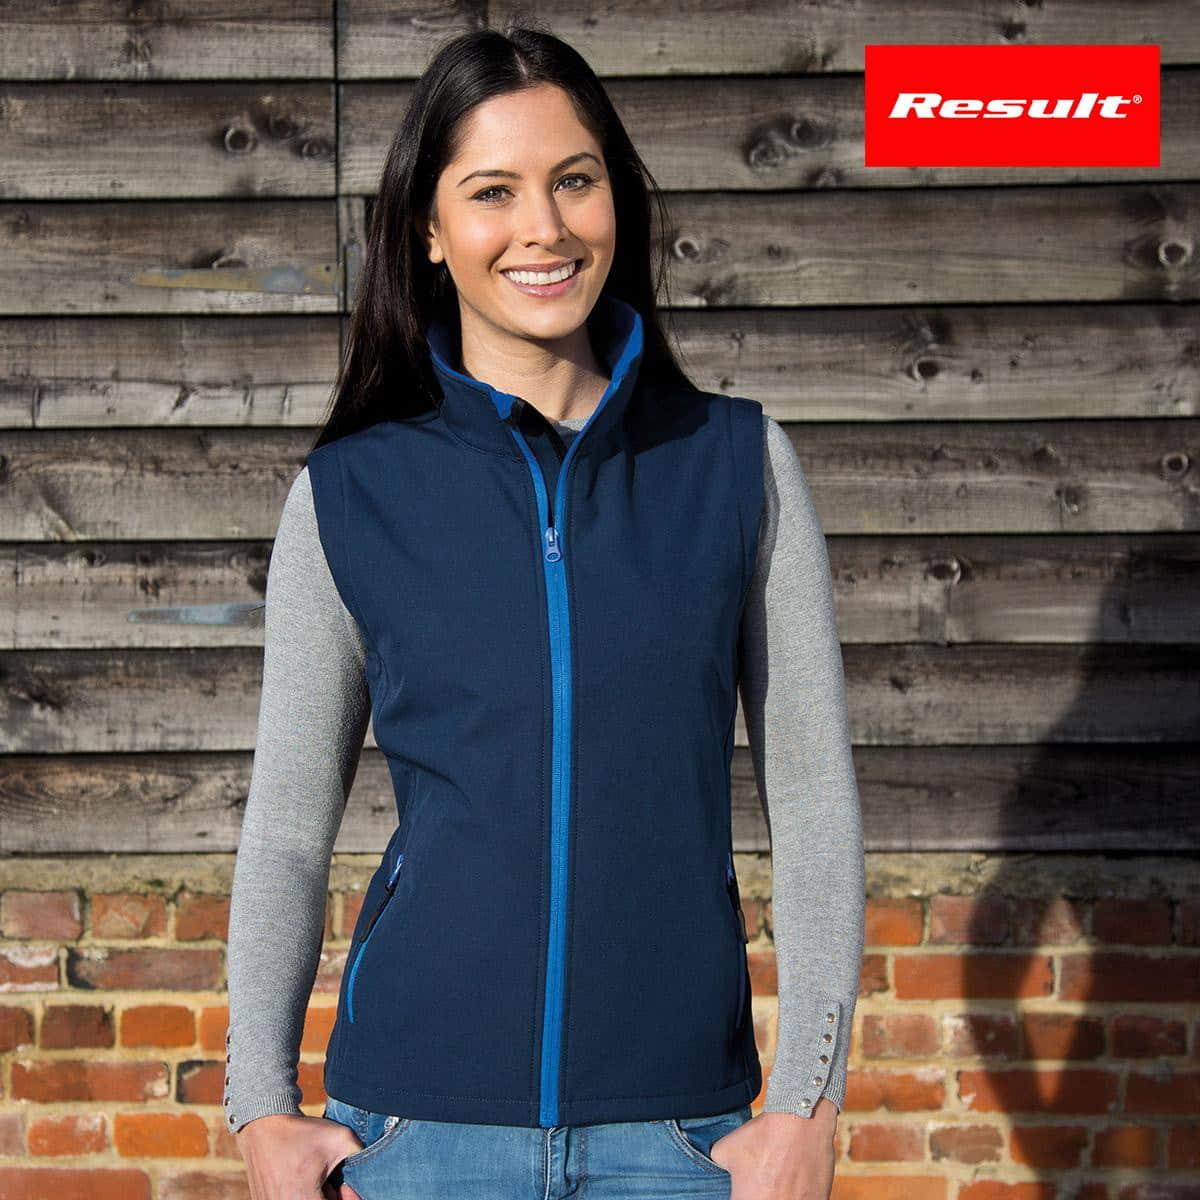 Donna con smanicato blu scuro traspirante e impermeabile con tasche laterali con zip 100% poliestere